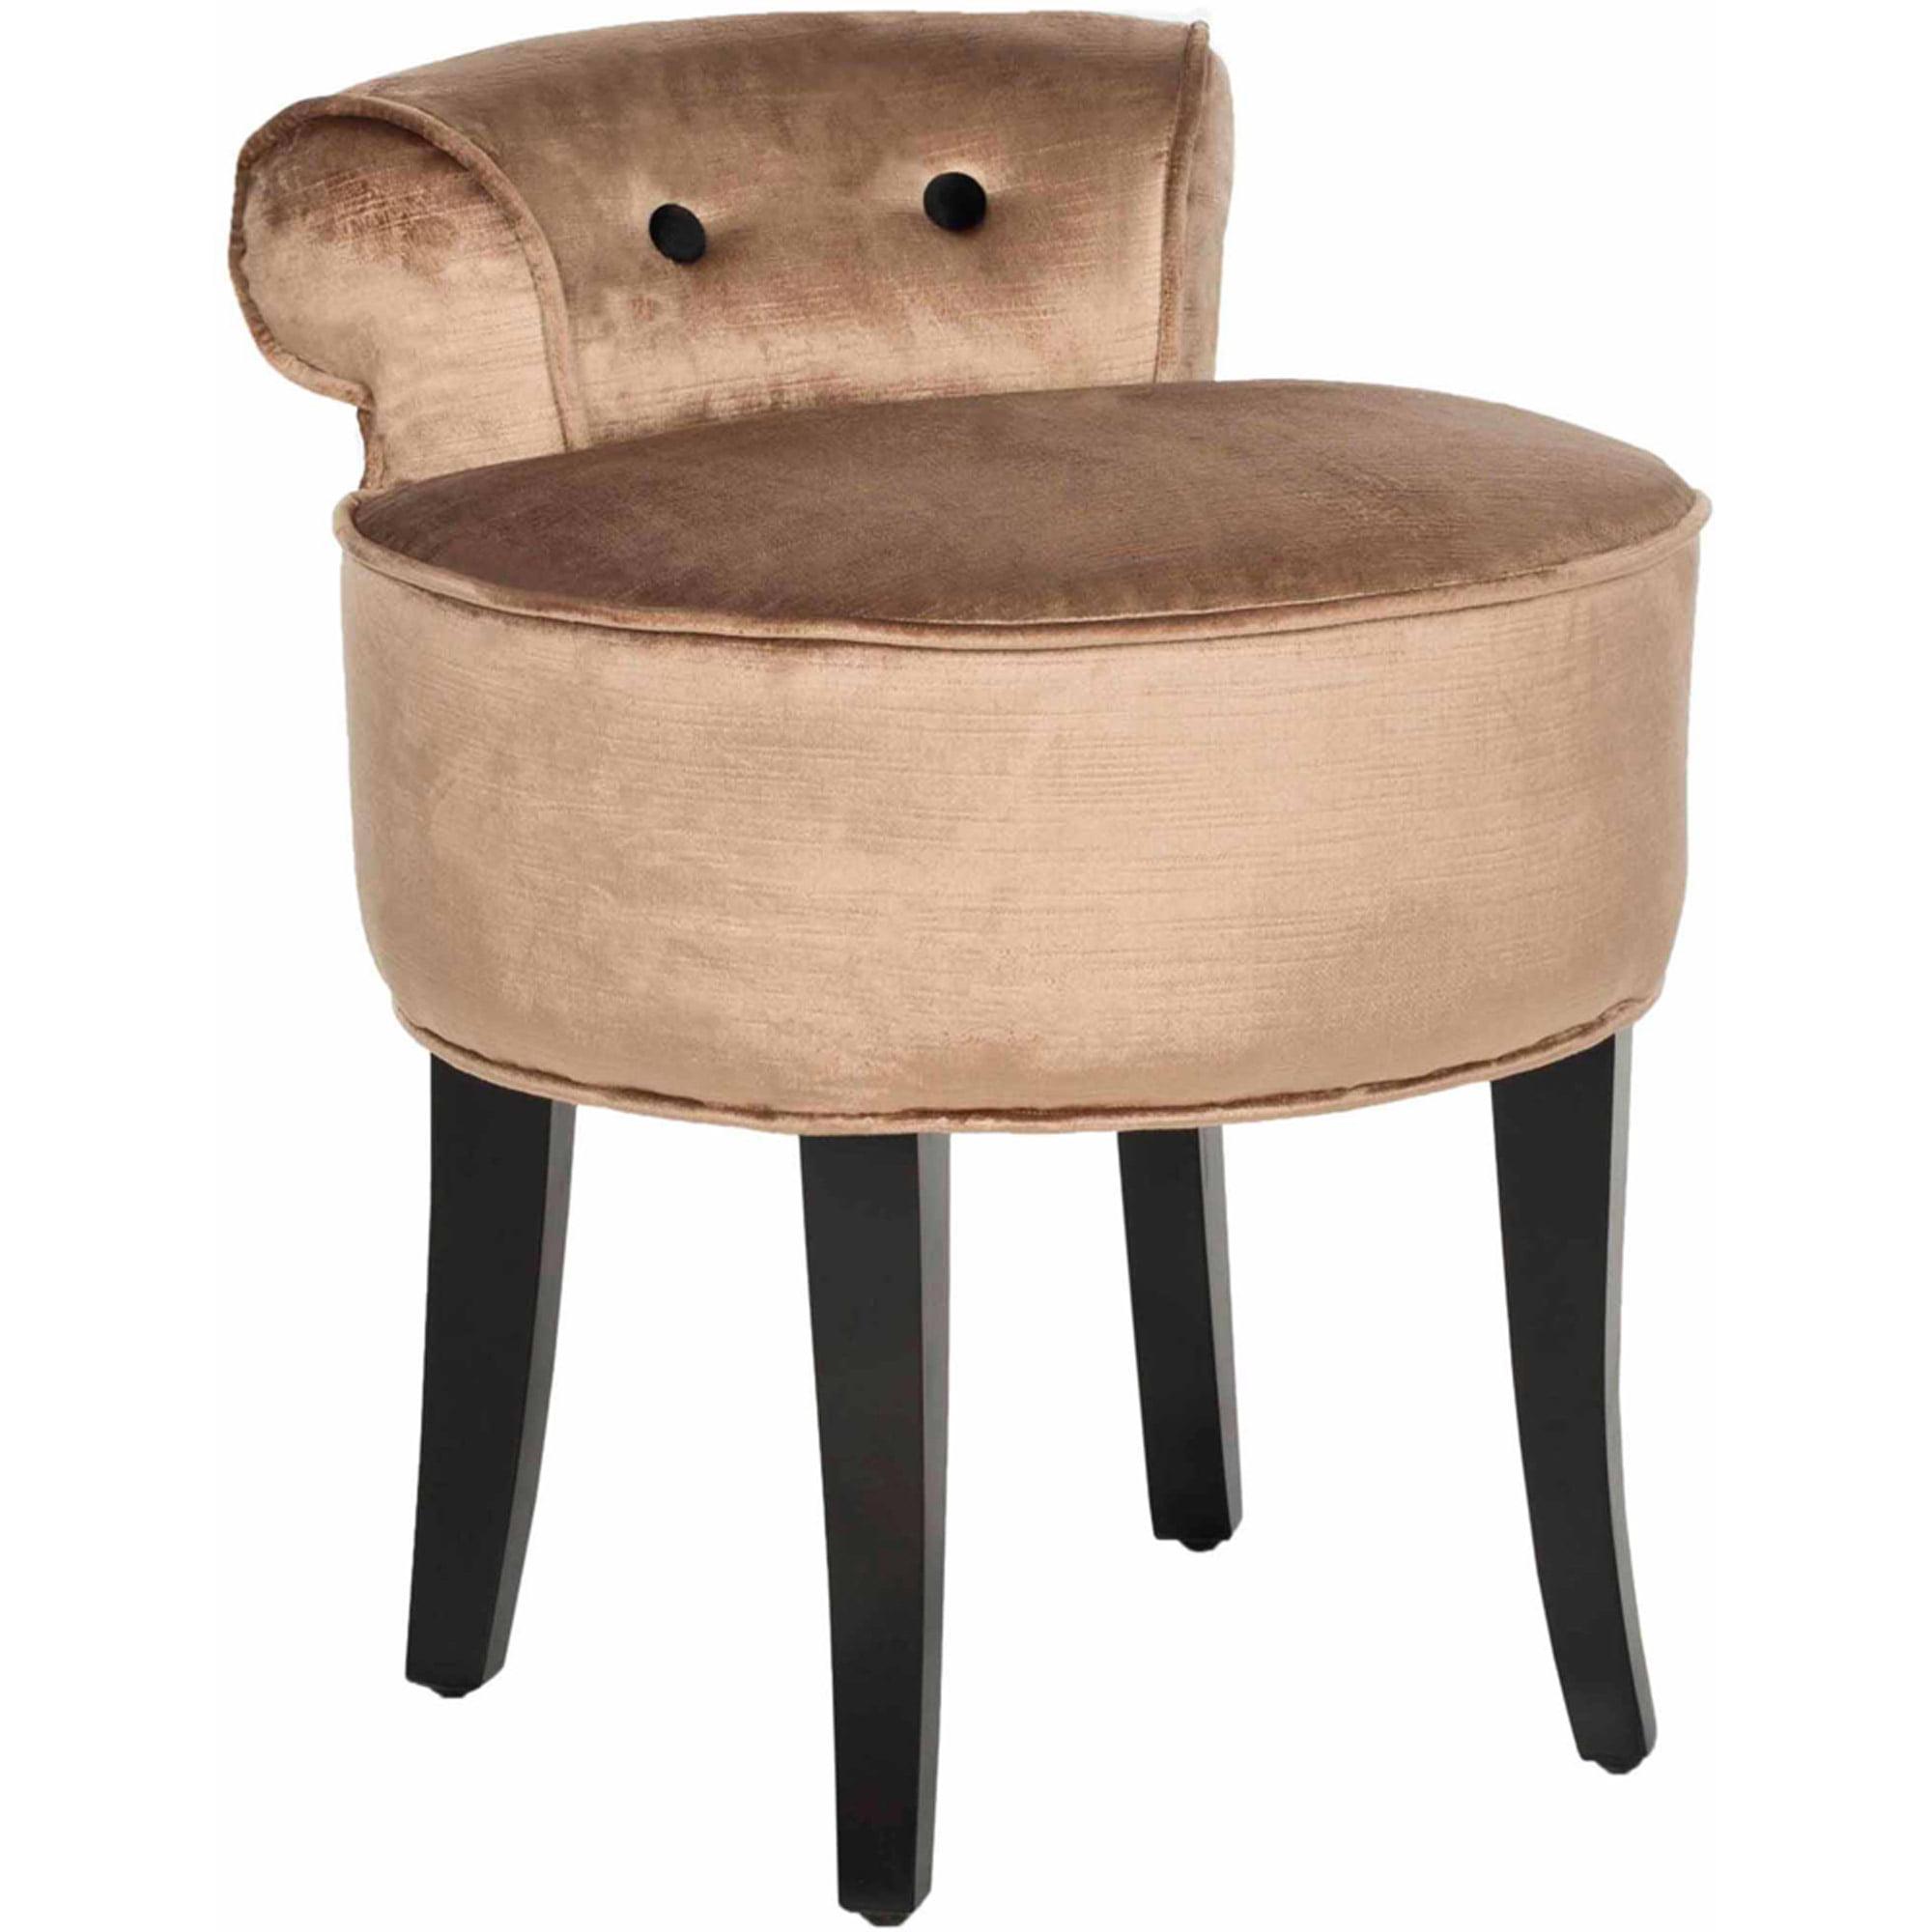 tailored vanity chair stools bathroom stool kara instavanityus helena l licious skirted